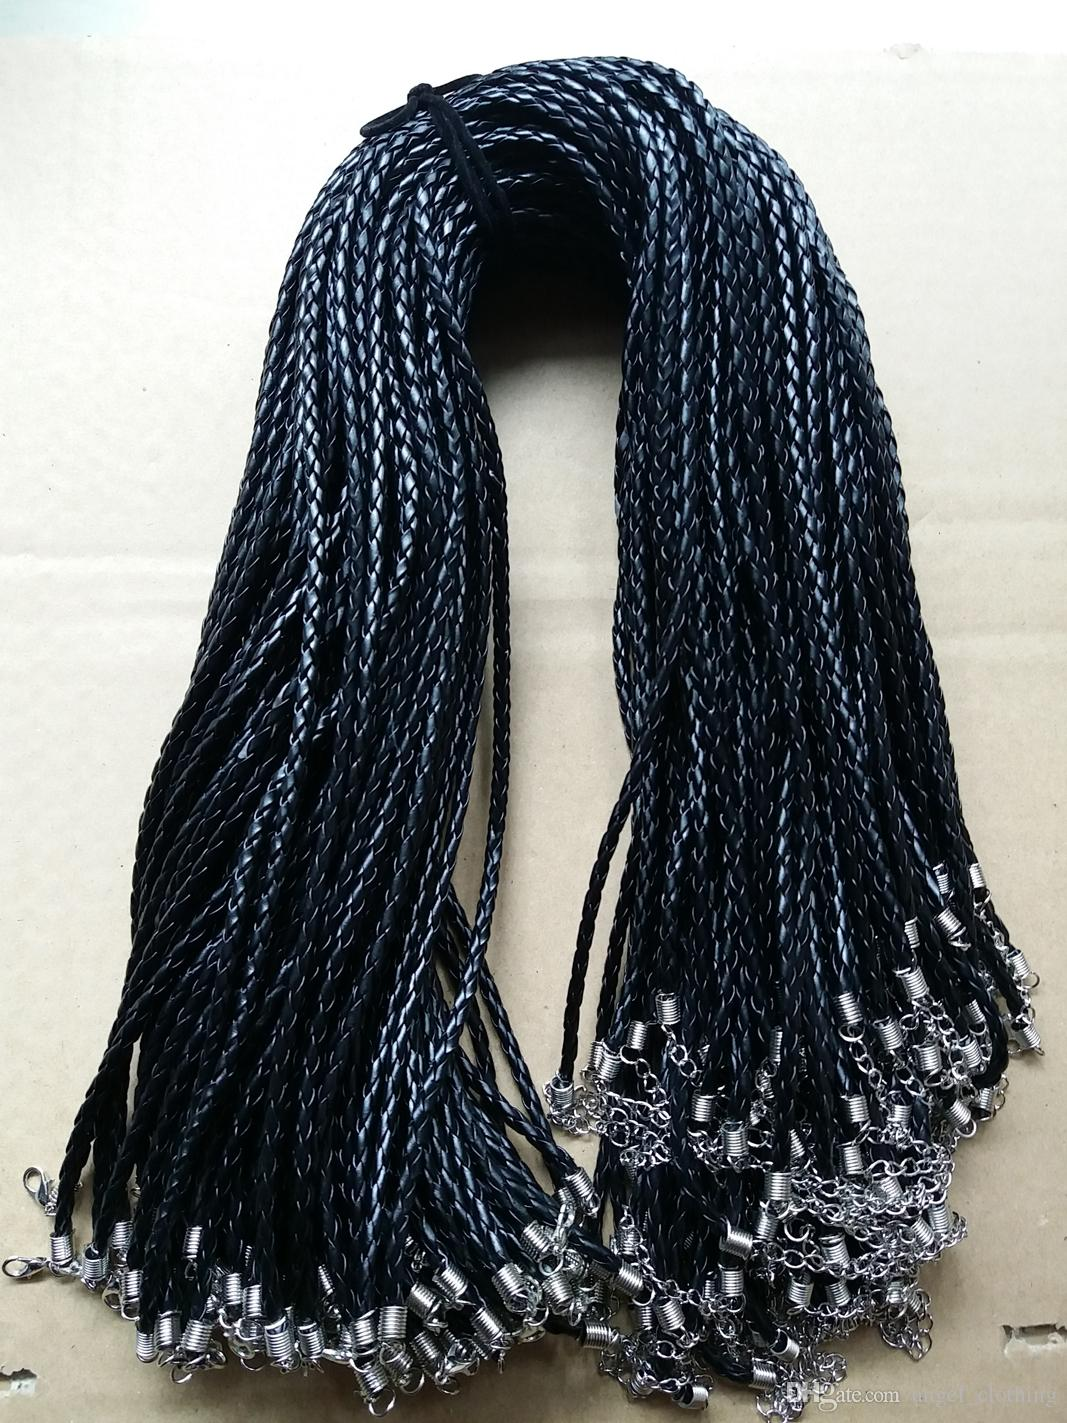 18 '' 3 mm negro PU cuero trenzado cuerda trenza collar de cuerdas con corchete de la langosta para DIY joyería Neckalce colgante artesanía joyería